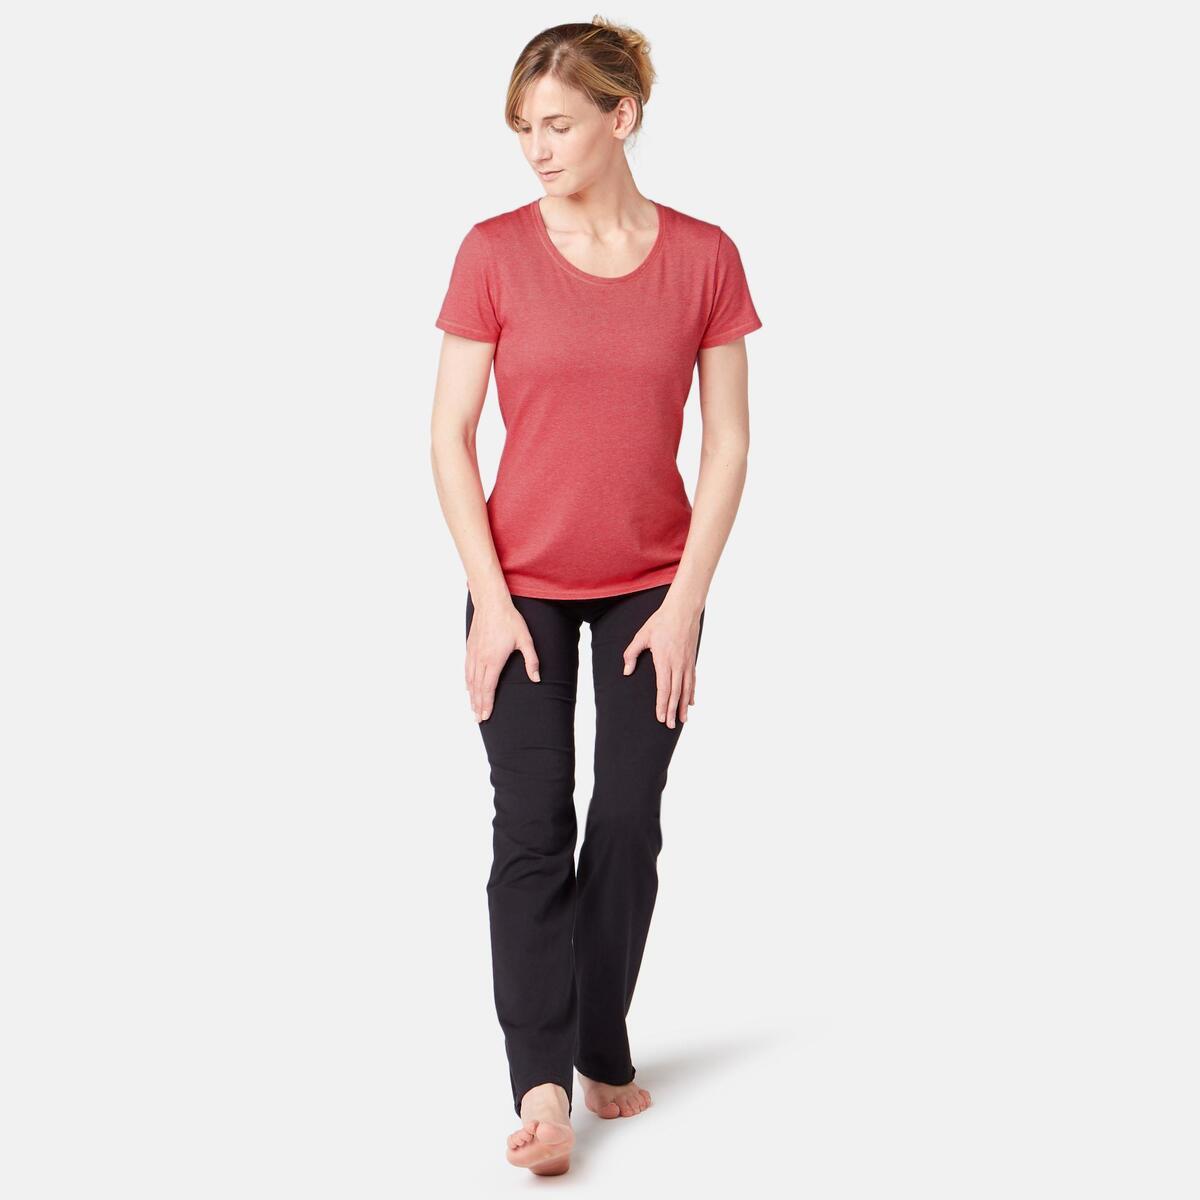 Bild 3 von T-Shirt 500 Regular Sport Pilates sanfte Gym Damen rosa